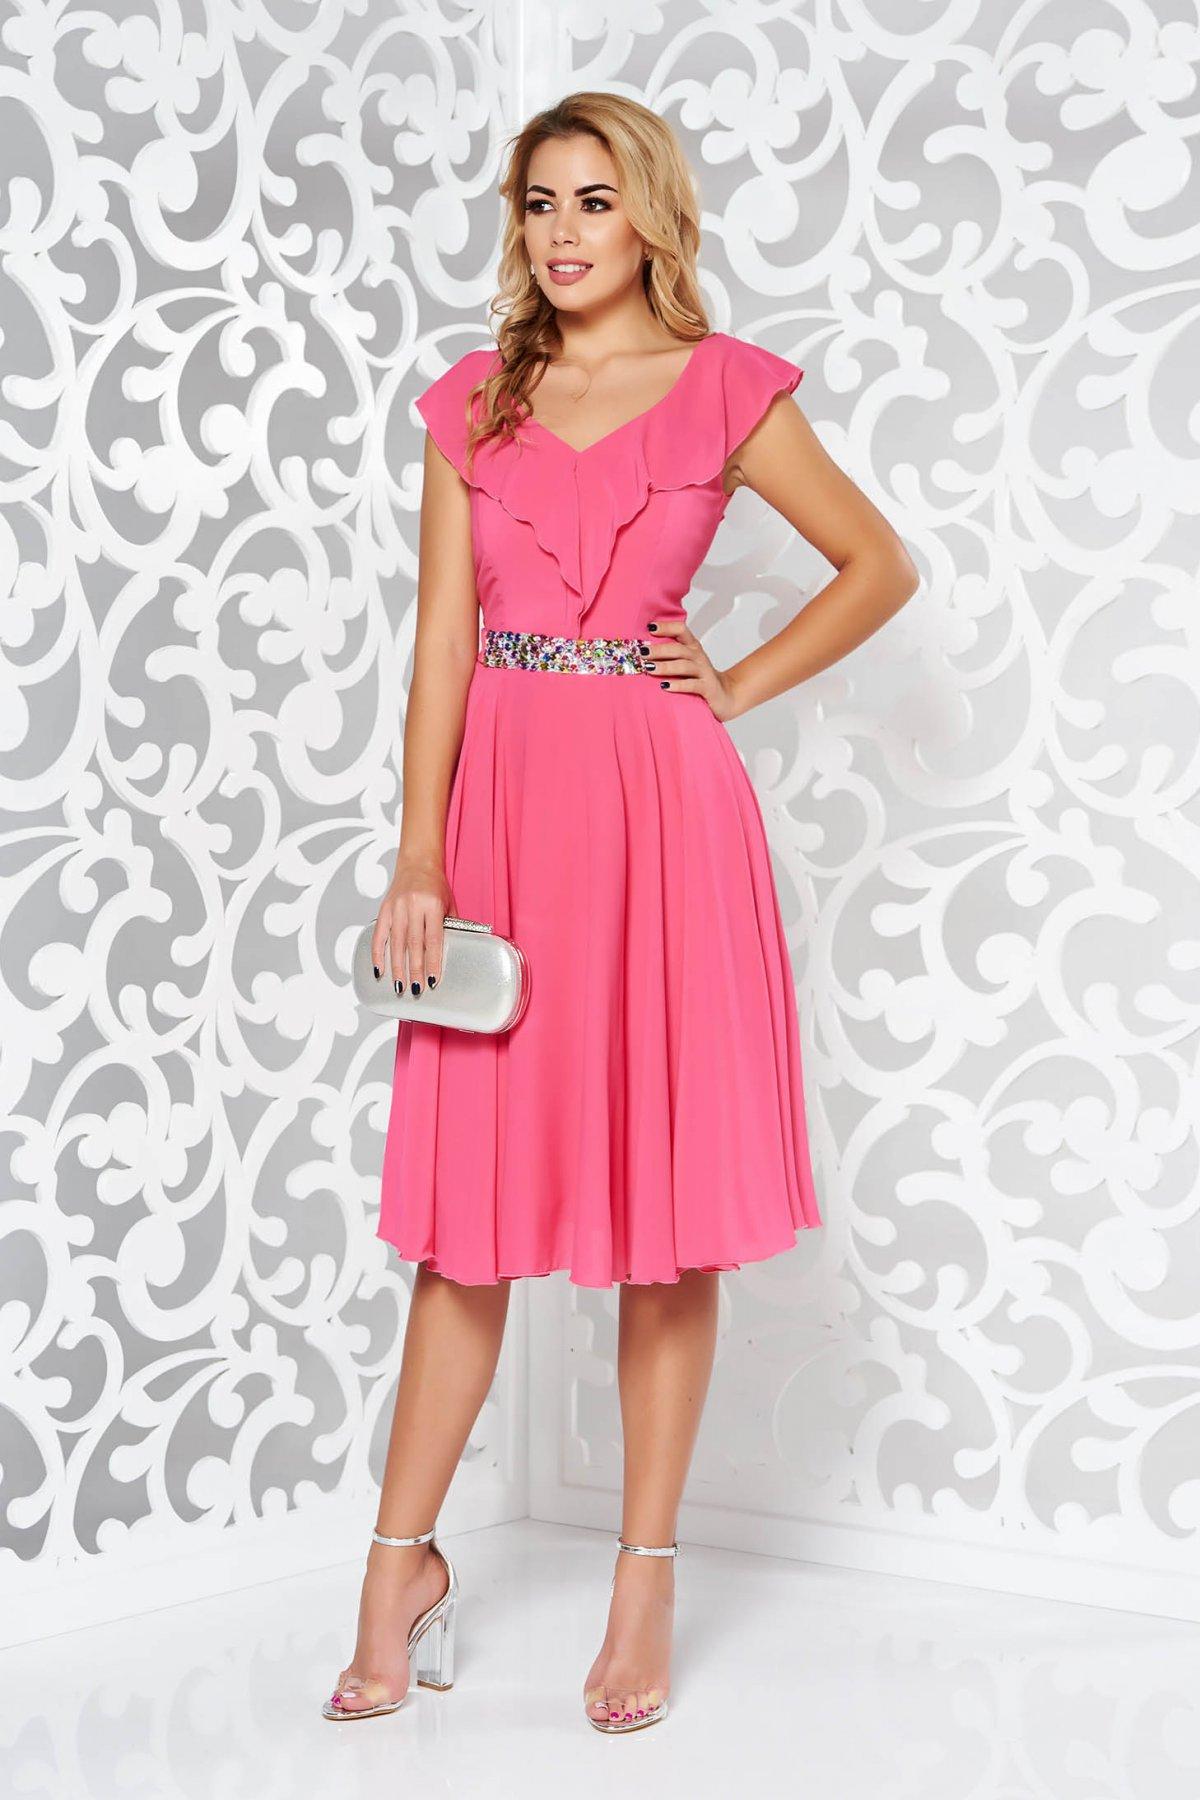 Fukszia StarShinerS ruha elegáns harang fátyol belső béléssel övvel ellátva strassz  köves kiegészítő. 1 f5577b93d4